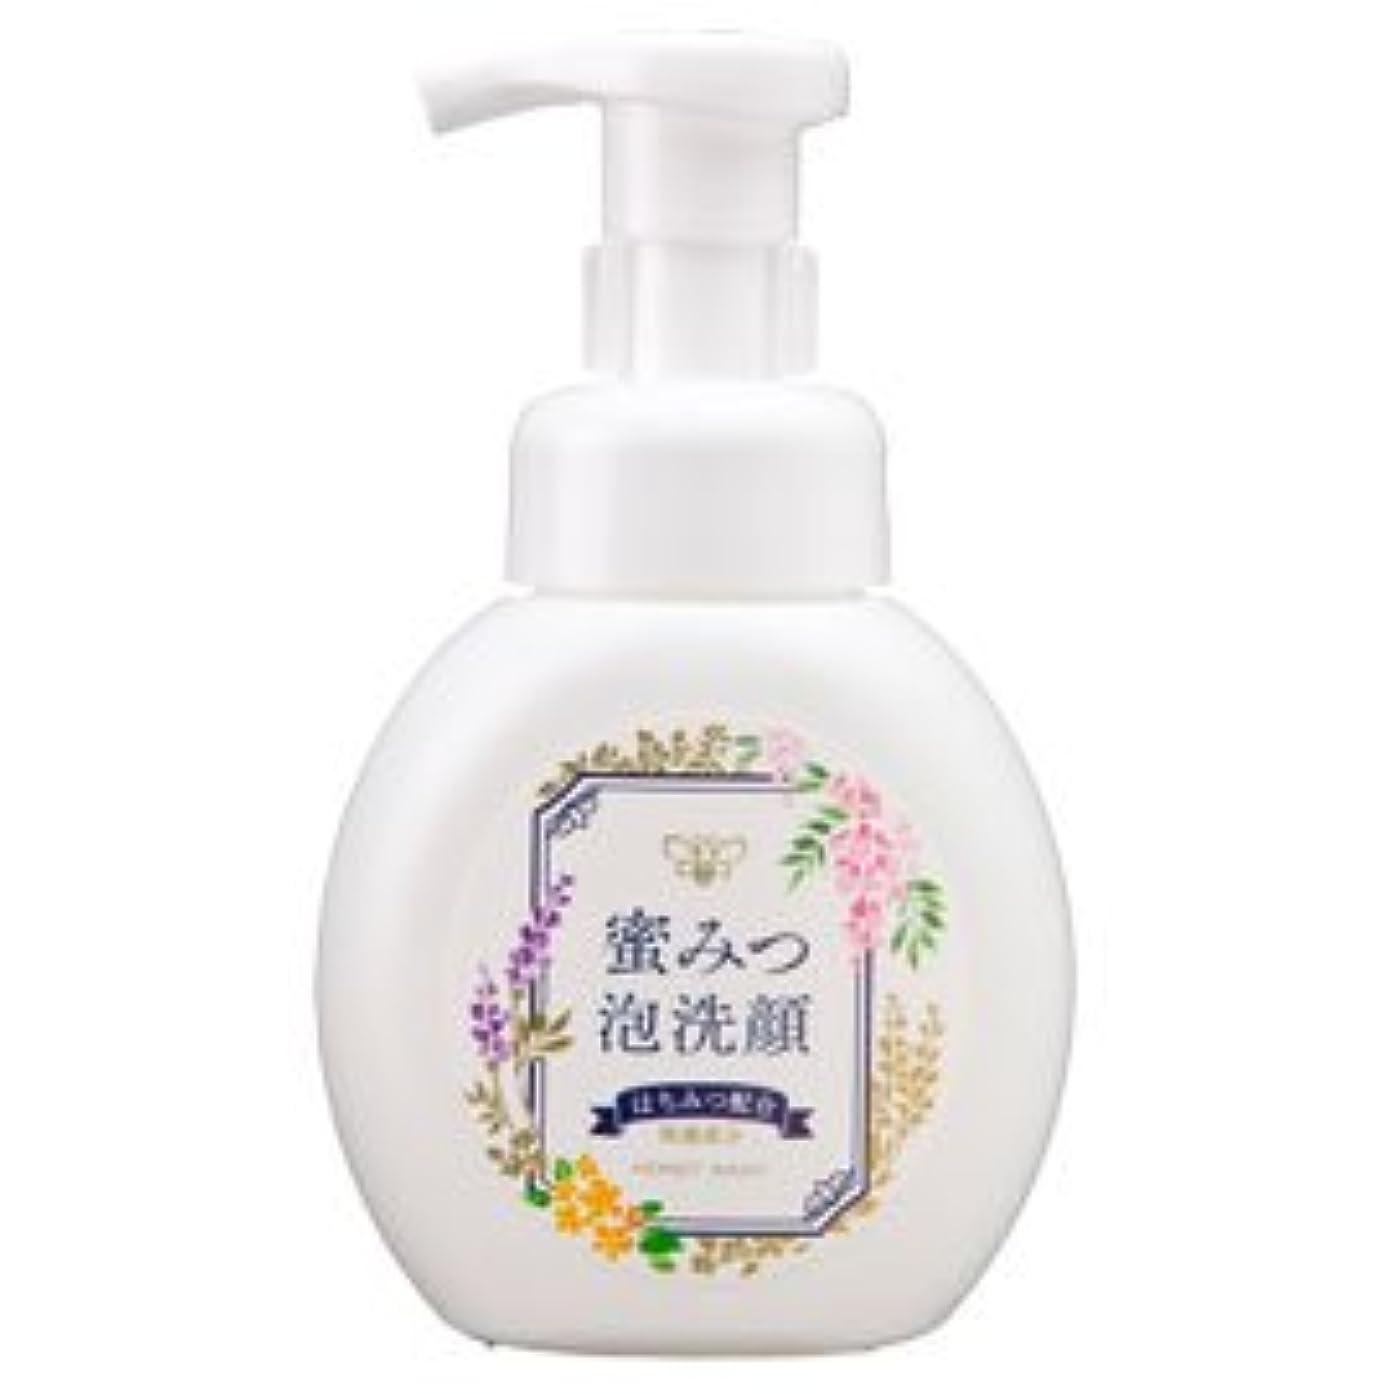 ディンカルビル聖職者インキュバス蜜みつ泡洗顔 250mL